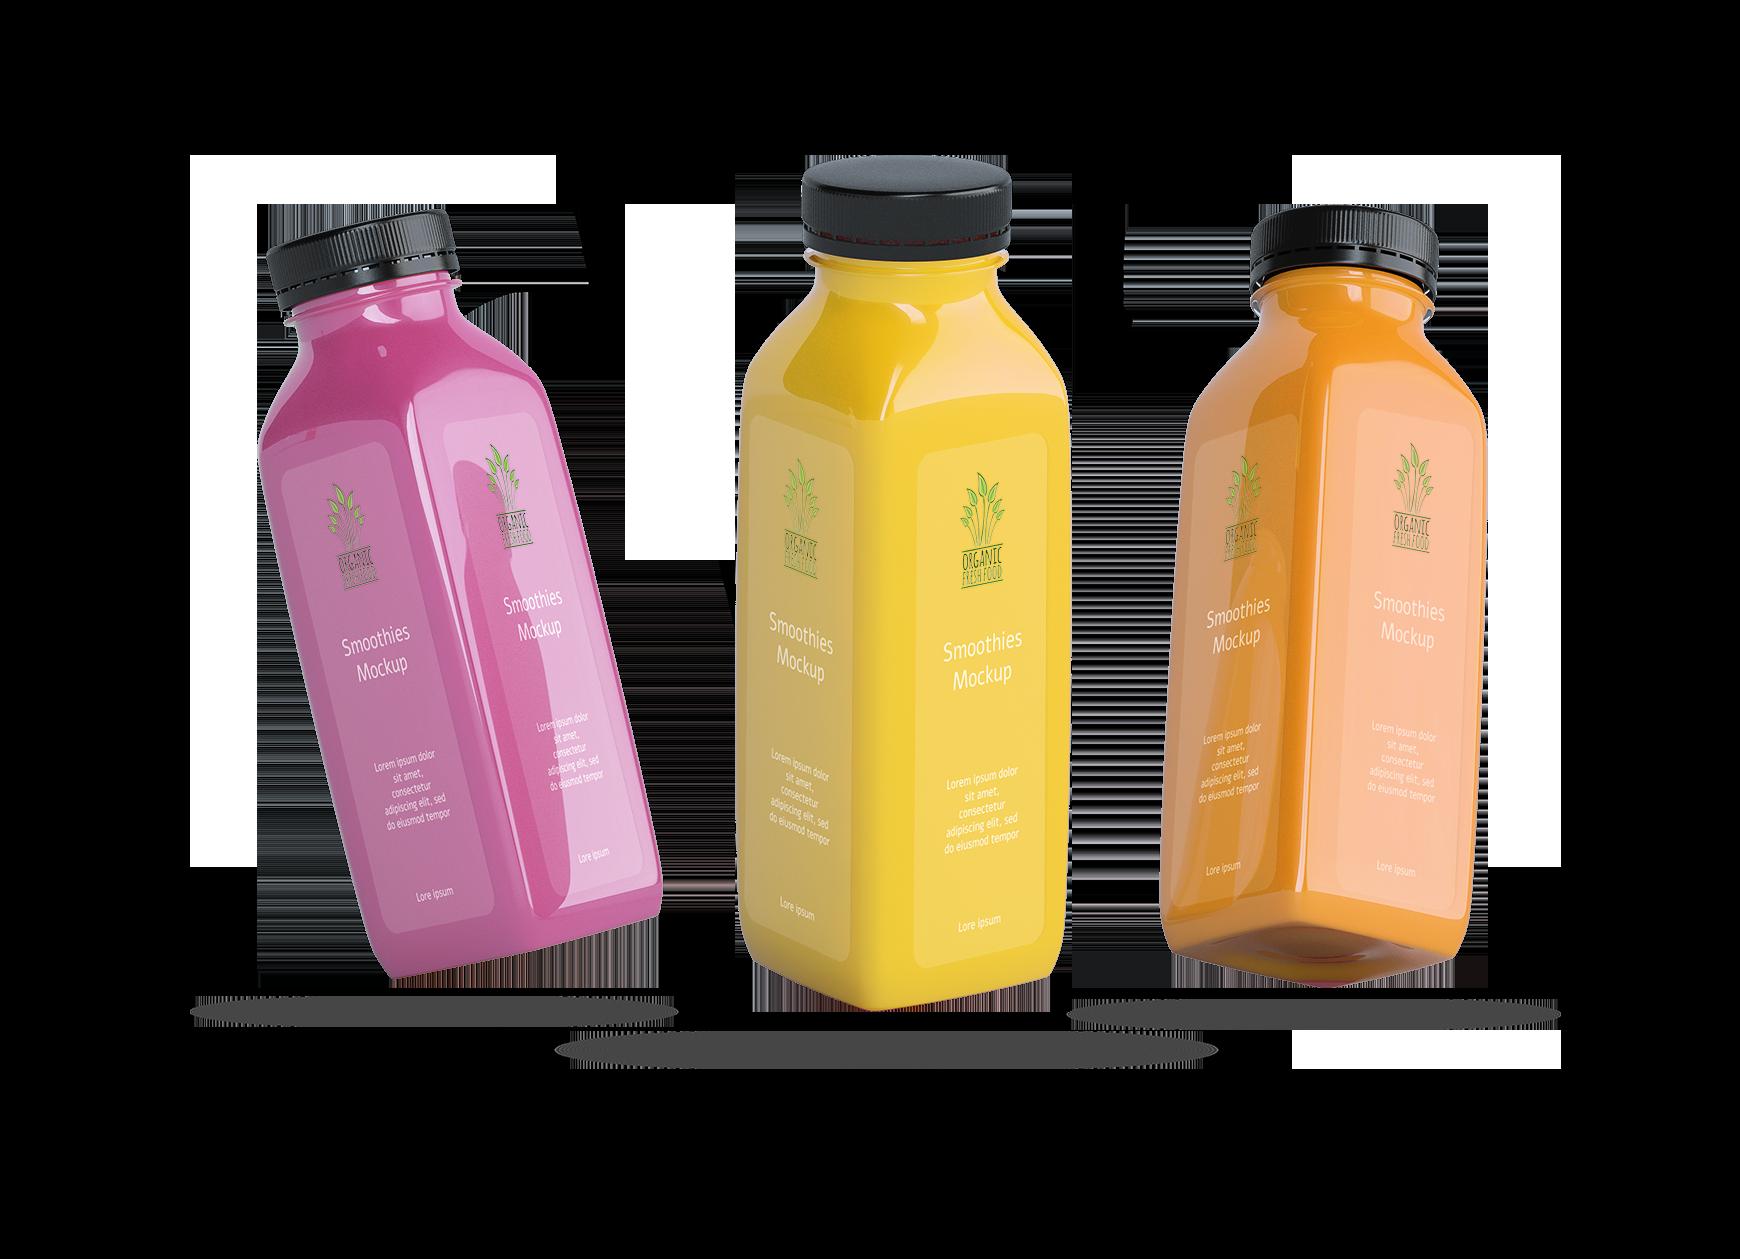 Organische smoothies - V2